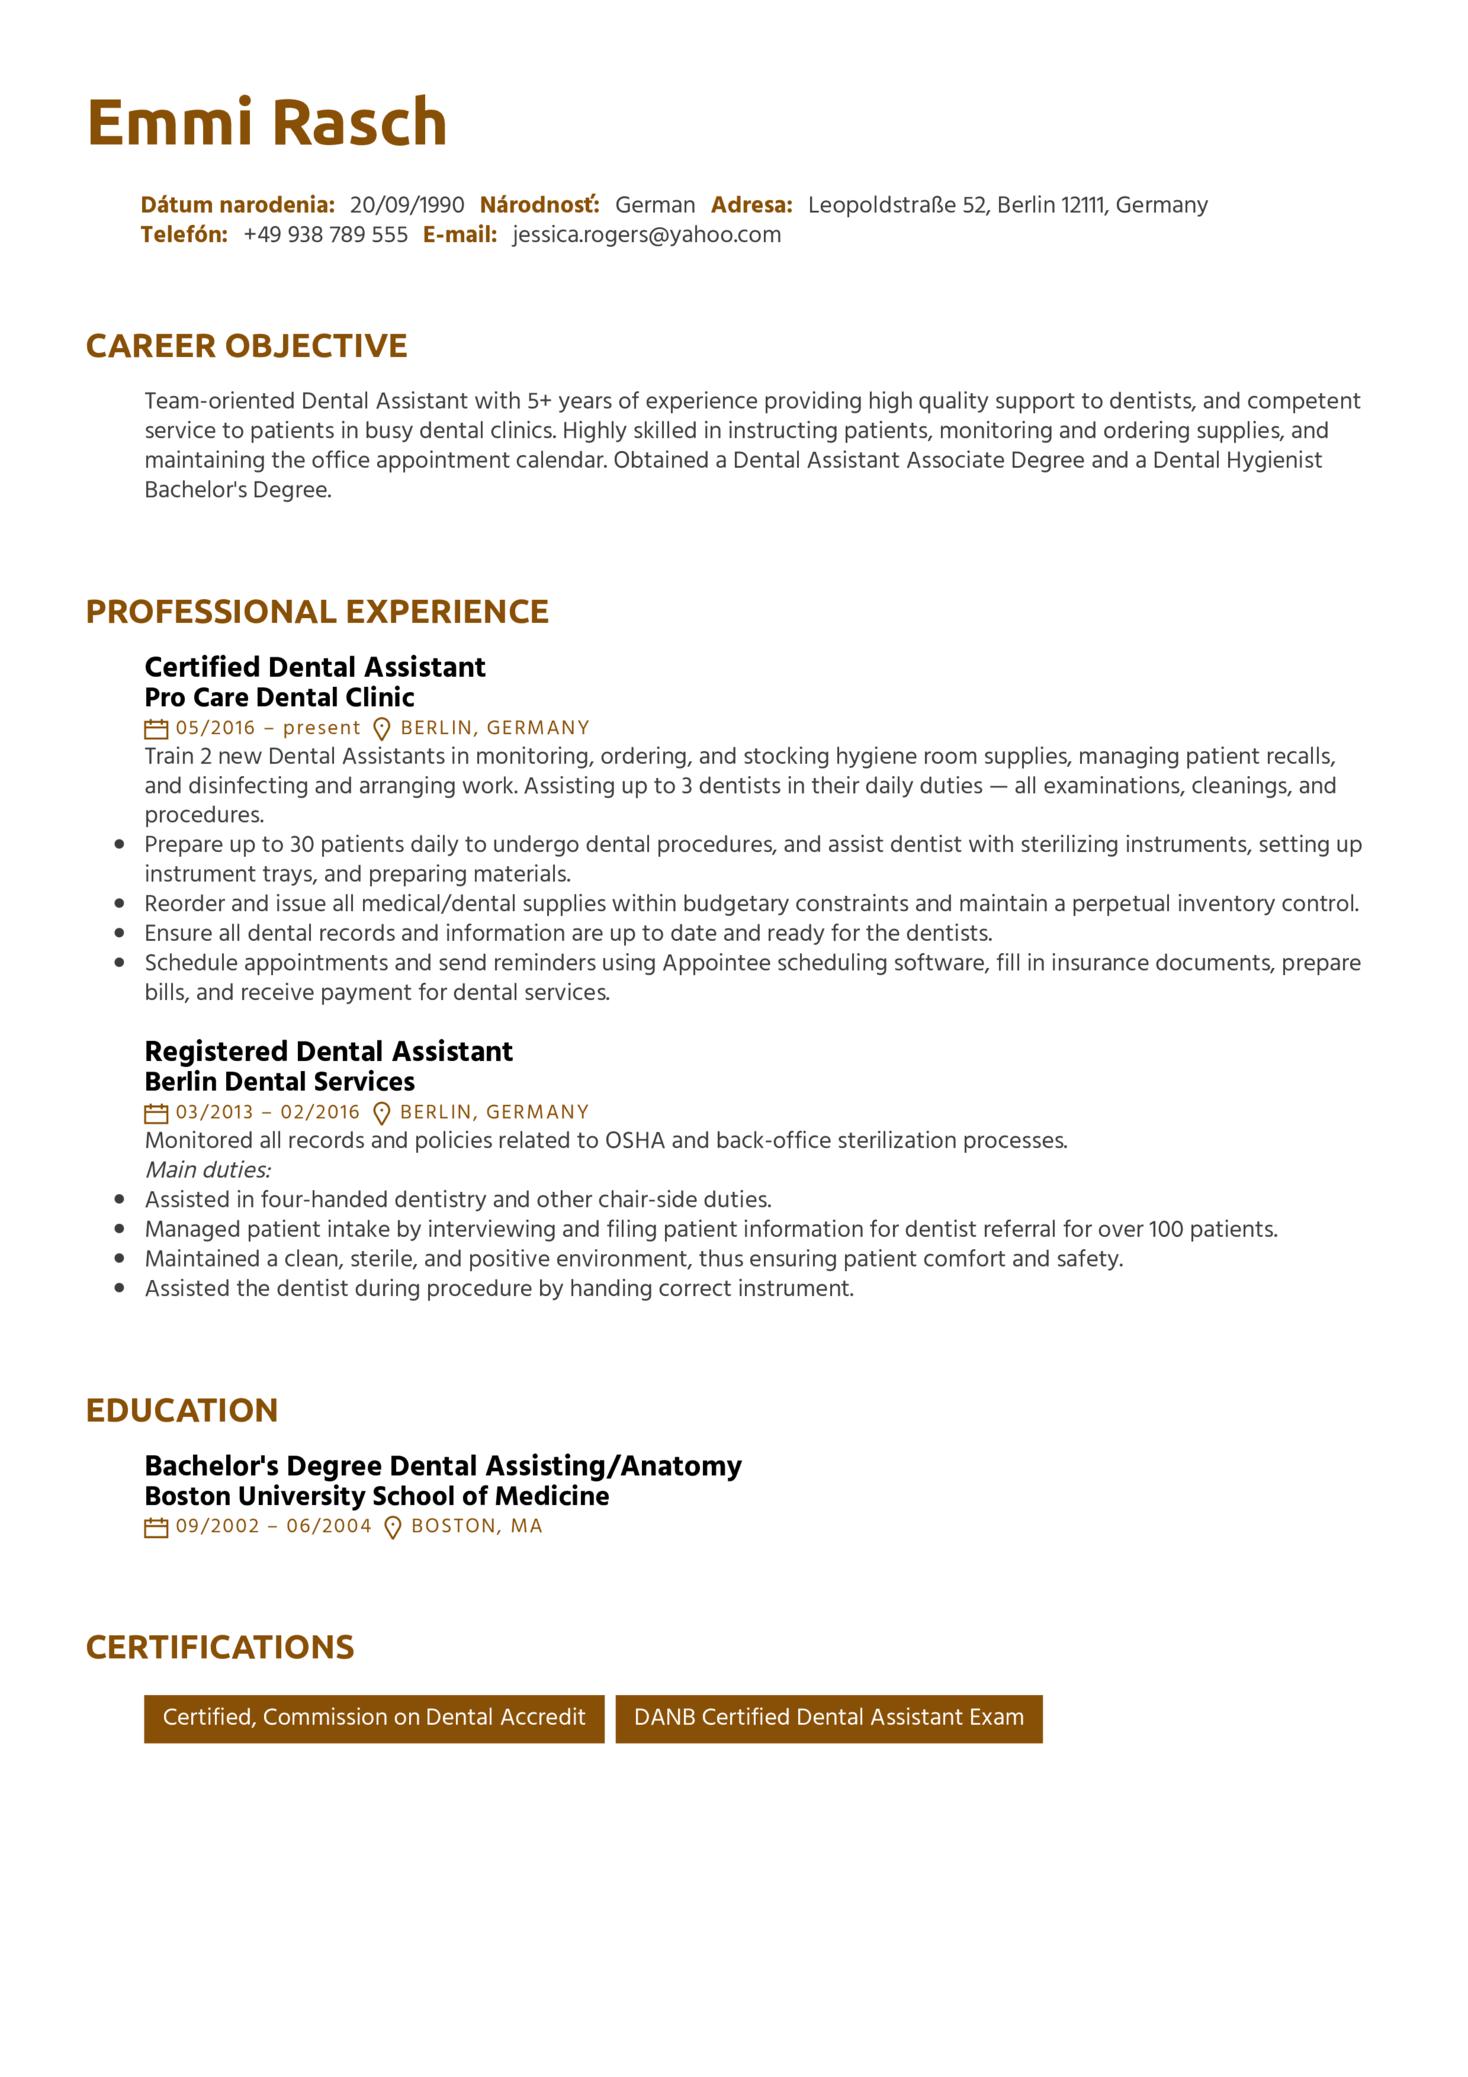 Dental Assistant CV Sample (parte 1)